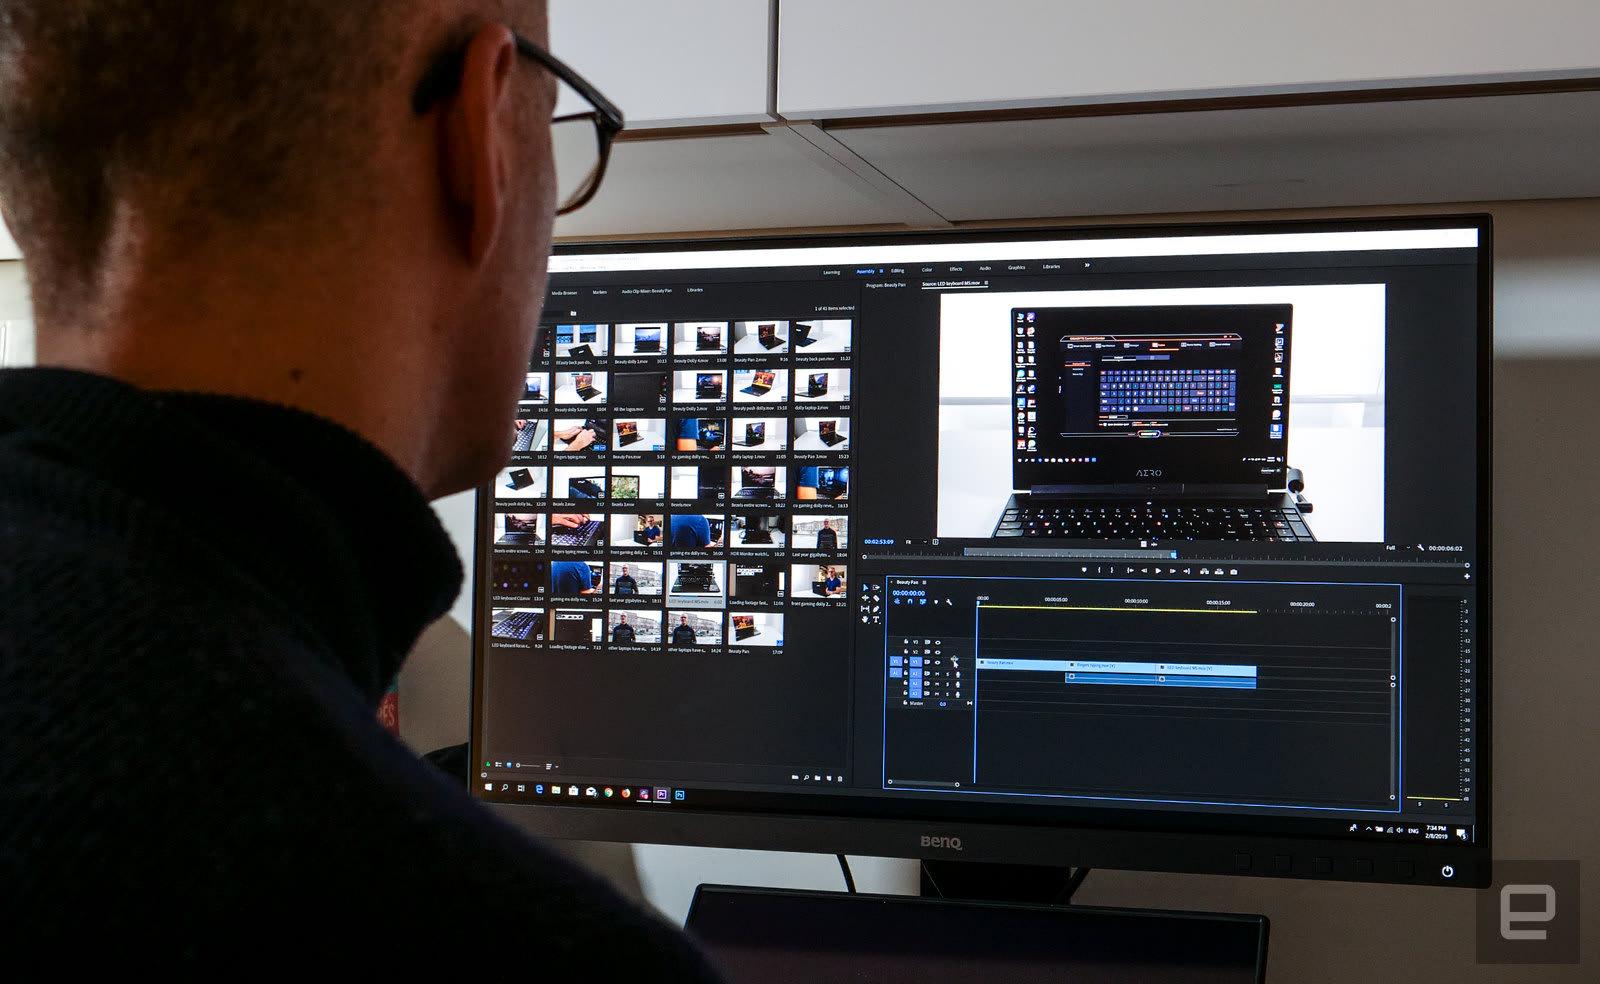 Gigabyte Aero 15 Y9 video editing